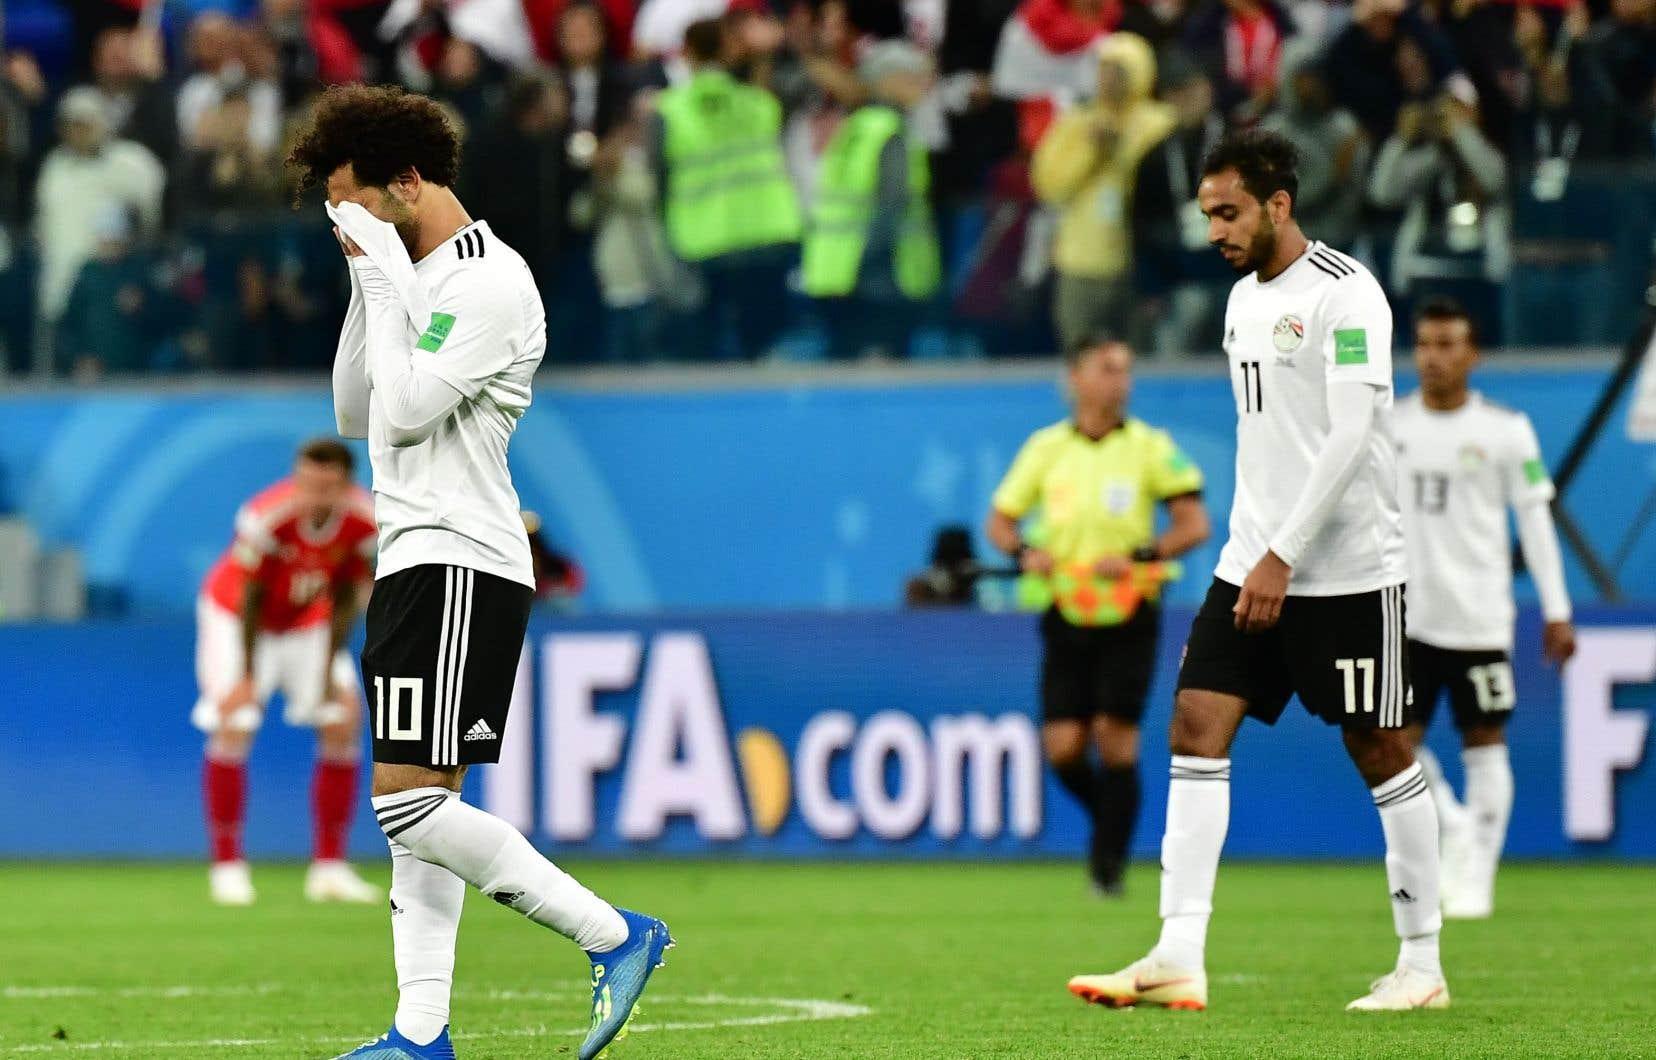 Le joueur égyptien Mohamed Salah (à gauche) réagit à la défaite à la suite du match contre la Russie.